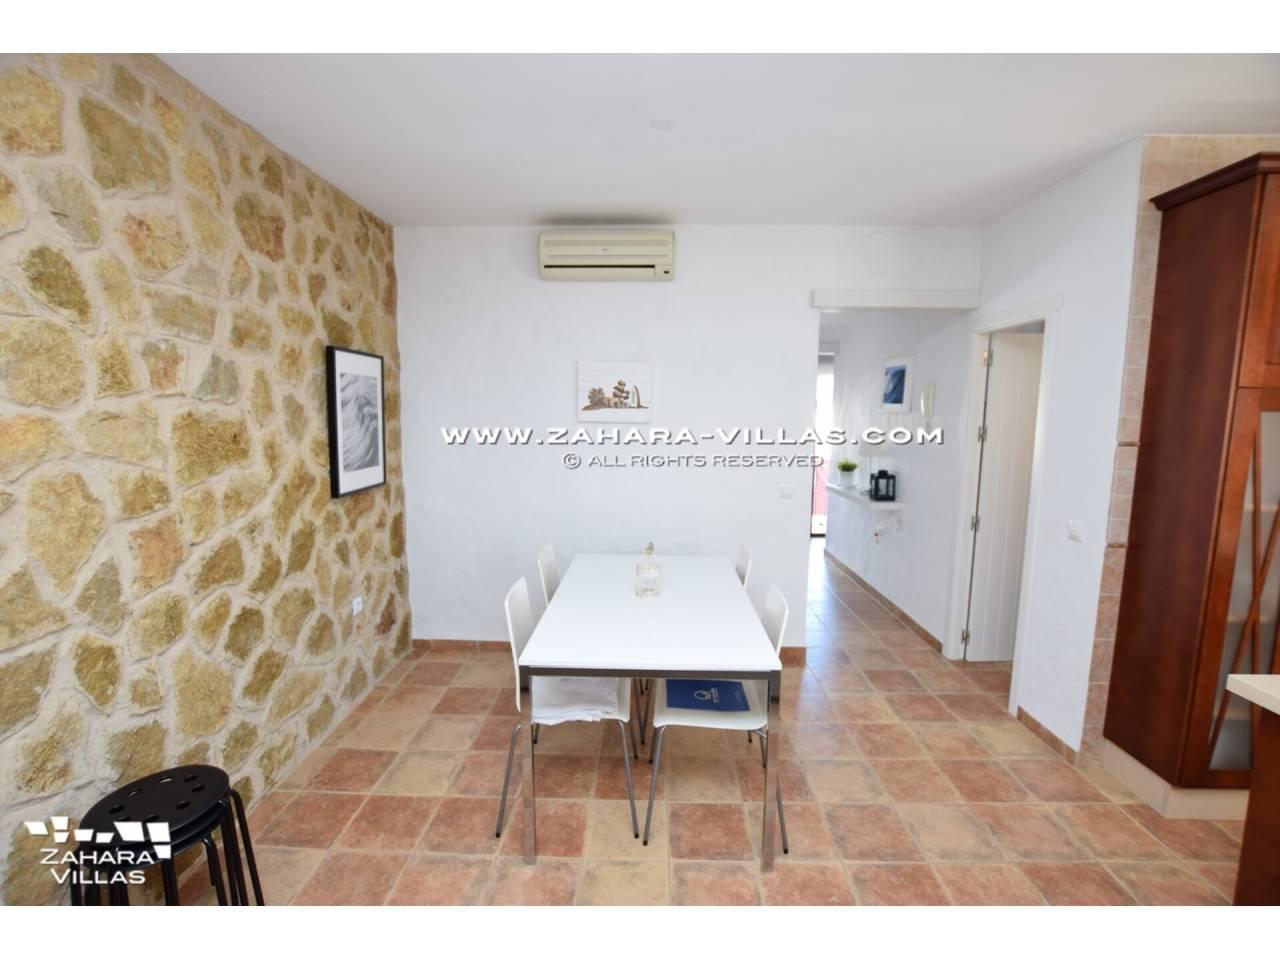 Imagen 33 de Haus zum verkauf in Zahara de los Atunes